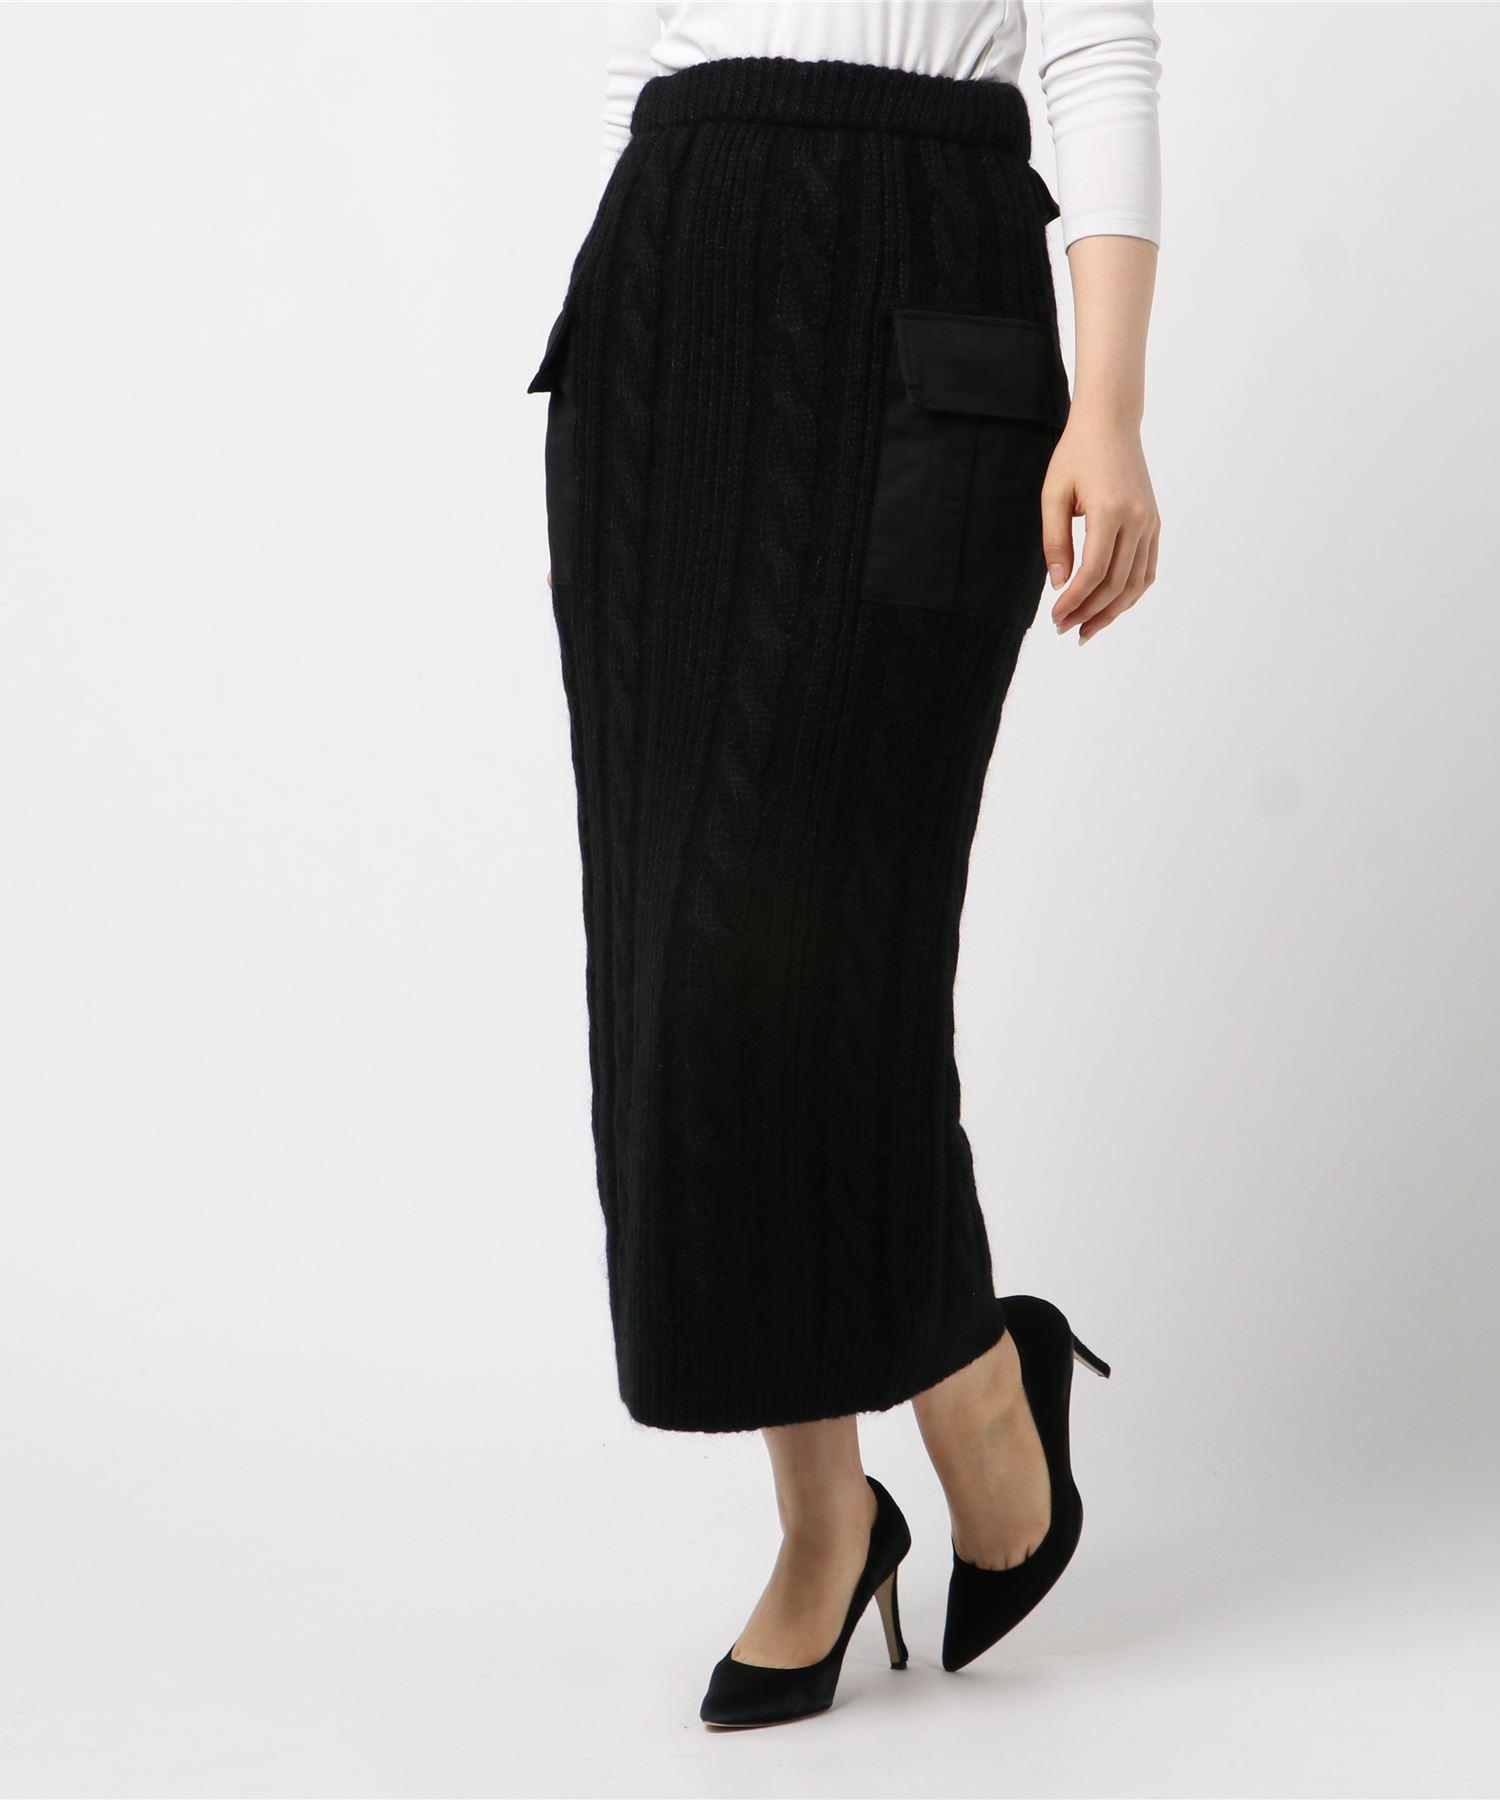 ミリタリーポケット付き ケーブルタイトスカート